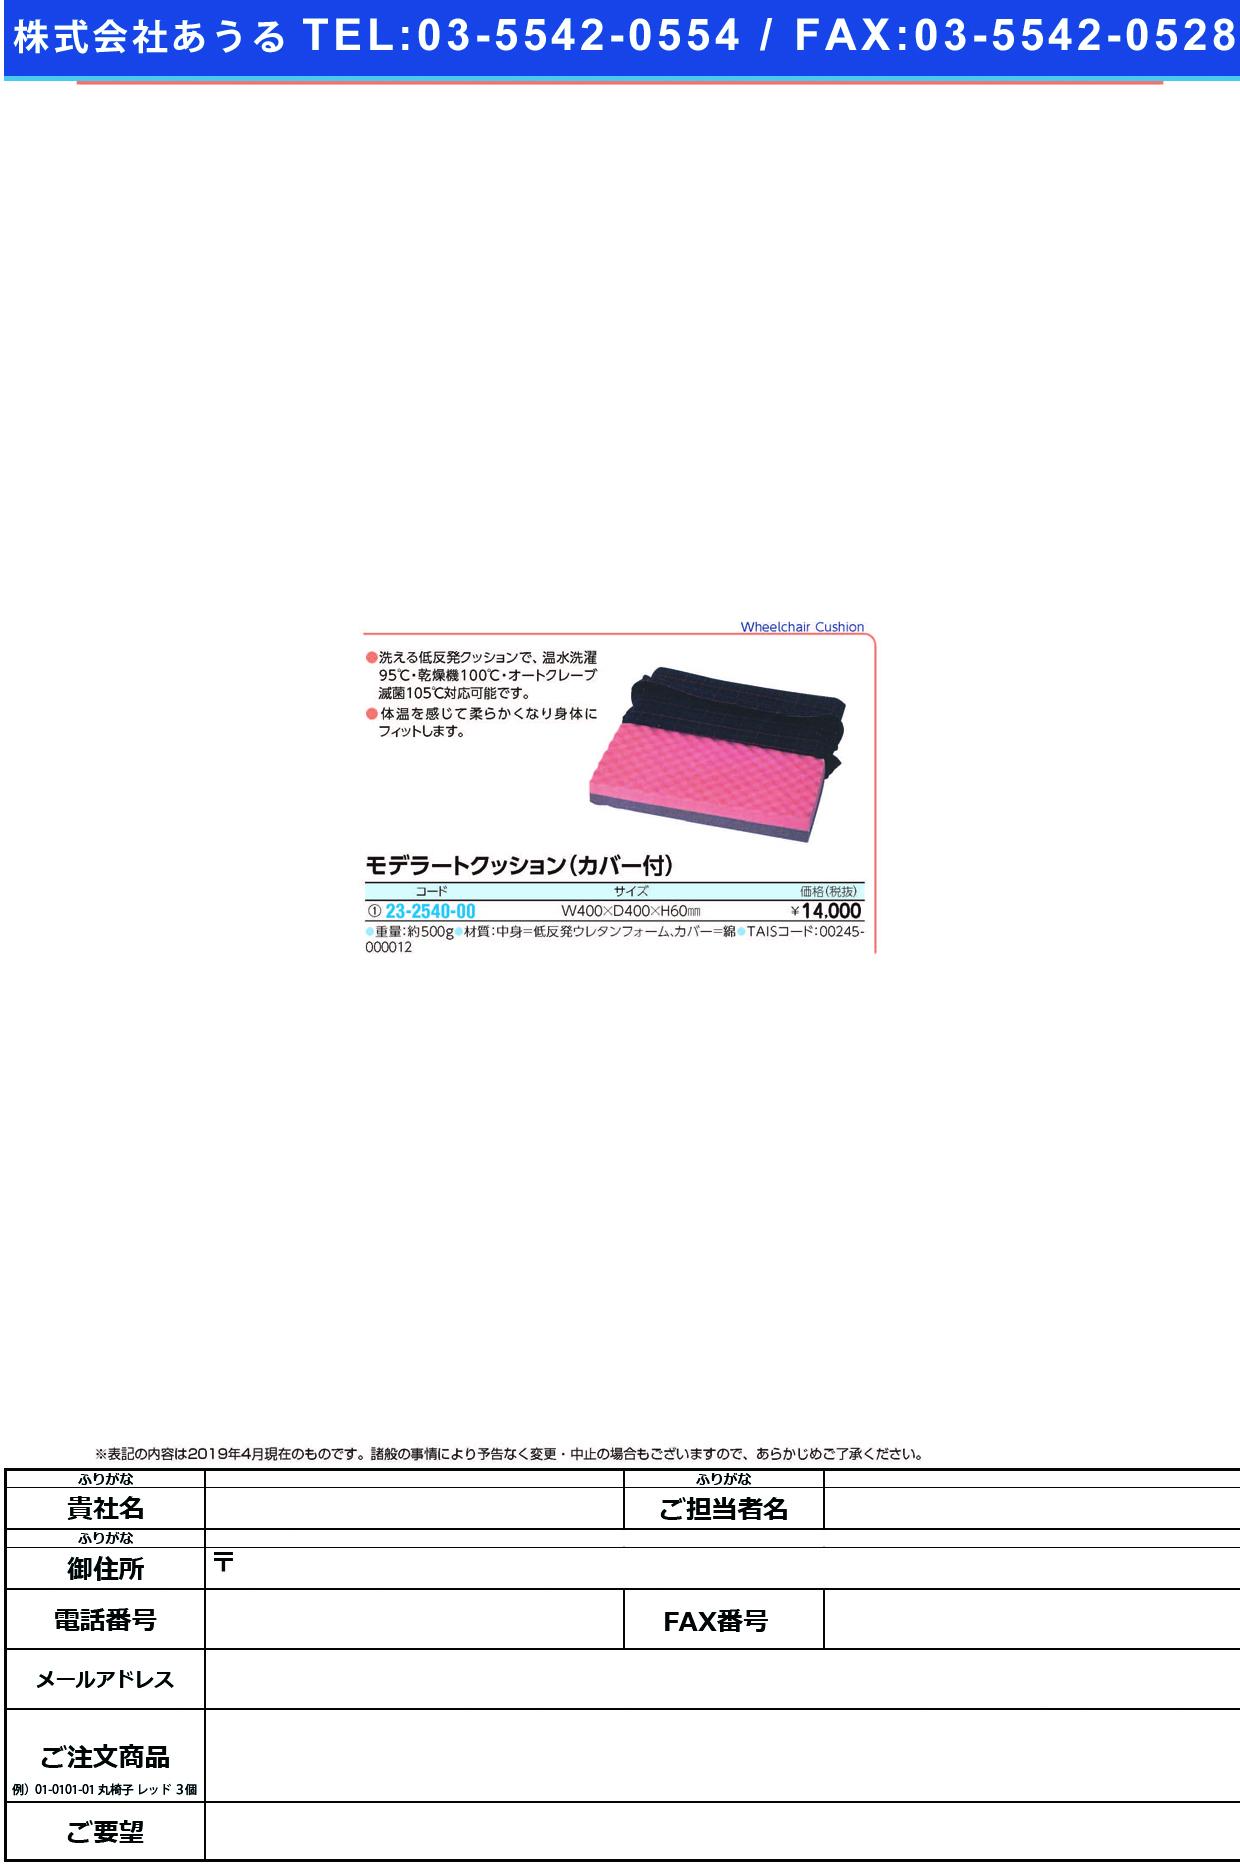 (23-2540-00)モデラートクッション(カバー付) 3145100 モデラートクッション(カバーツキ)【1個単位】【2019年カタログ商品】